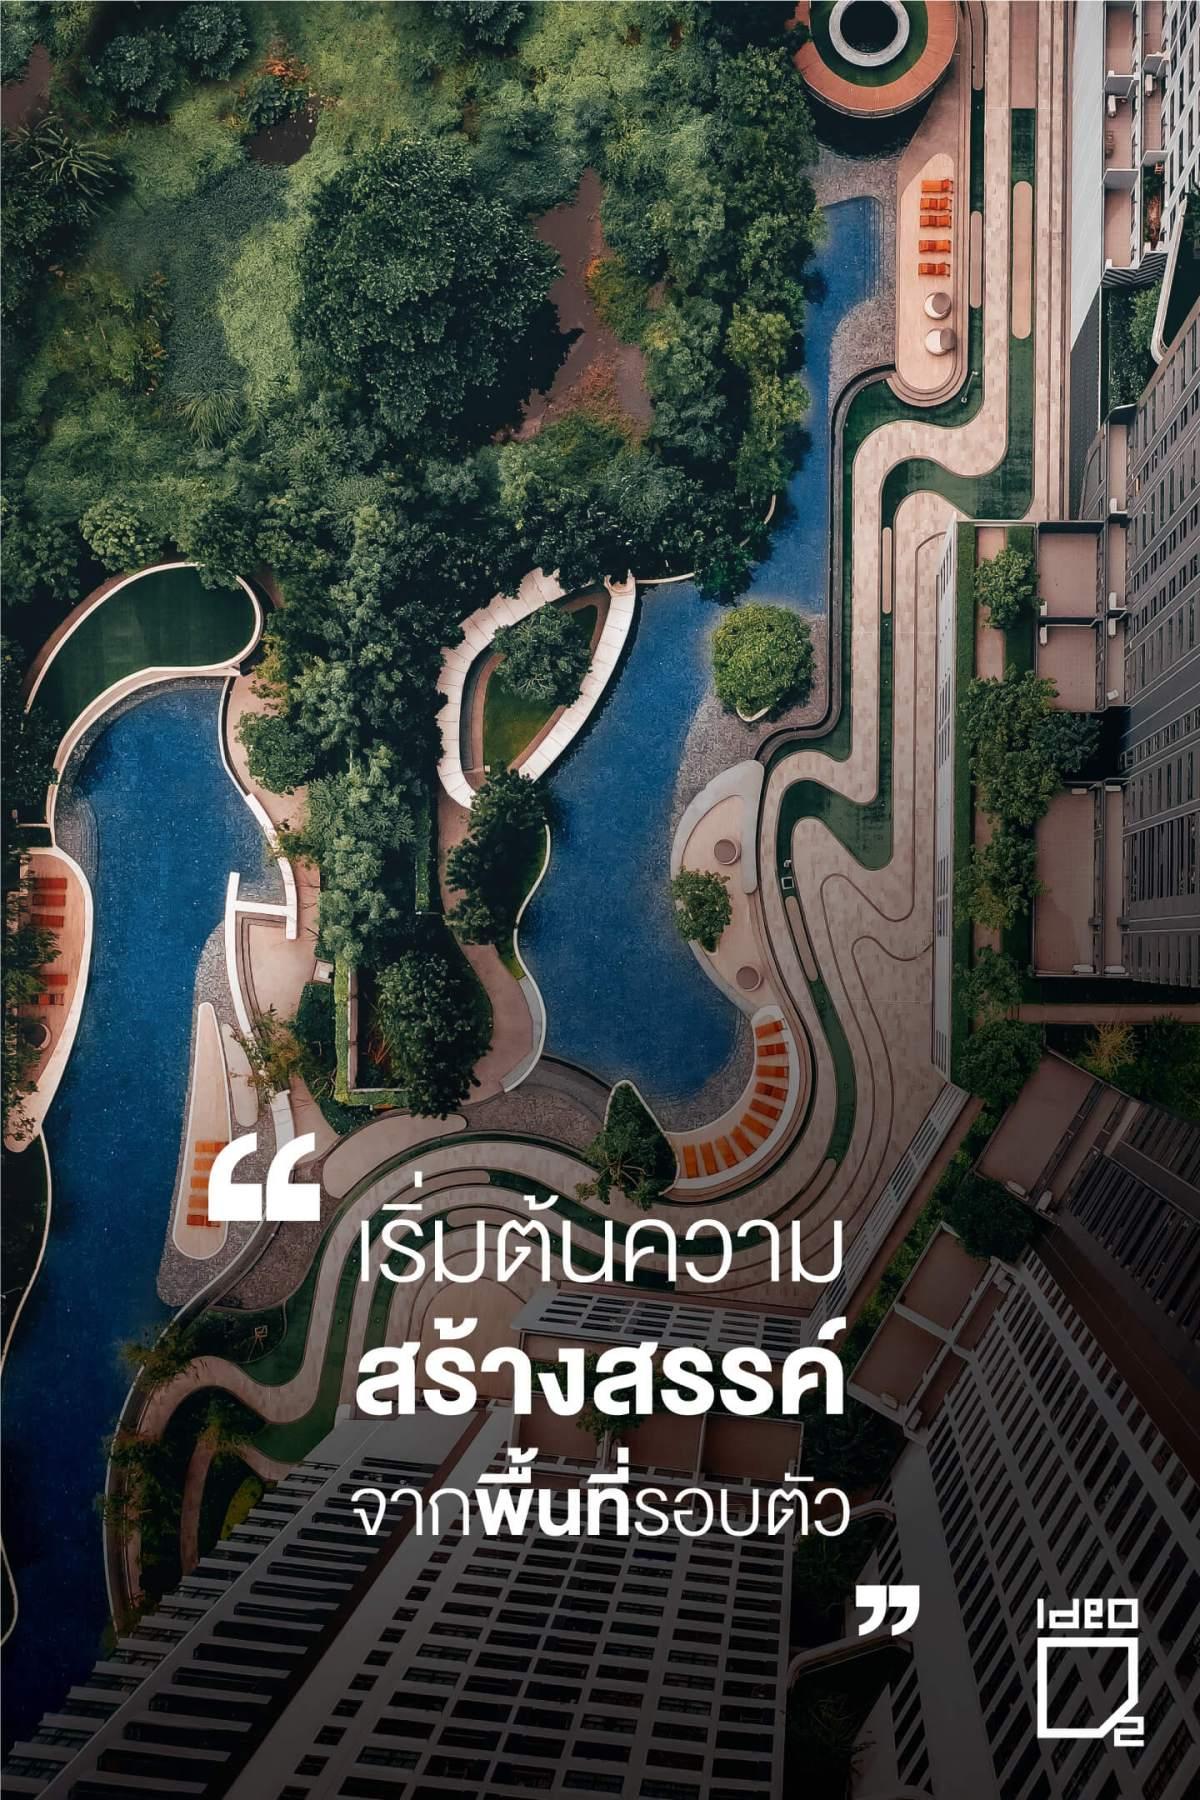 """อนันดาฯ """"คิด... เพื่อชีวิตคนเมือง"""" ตอกย้ำความเป็น Urban Living Solutions ตัวจริง 18 - Ananda"""